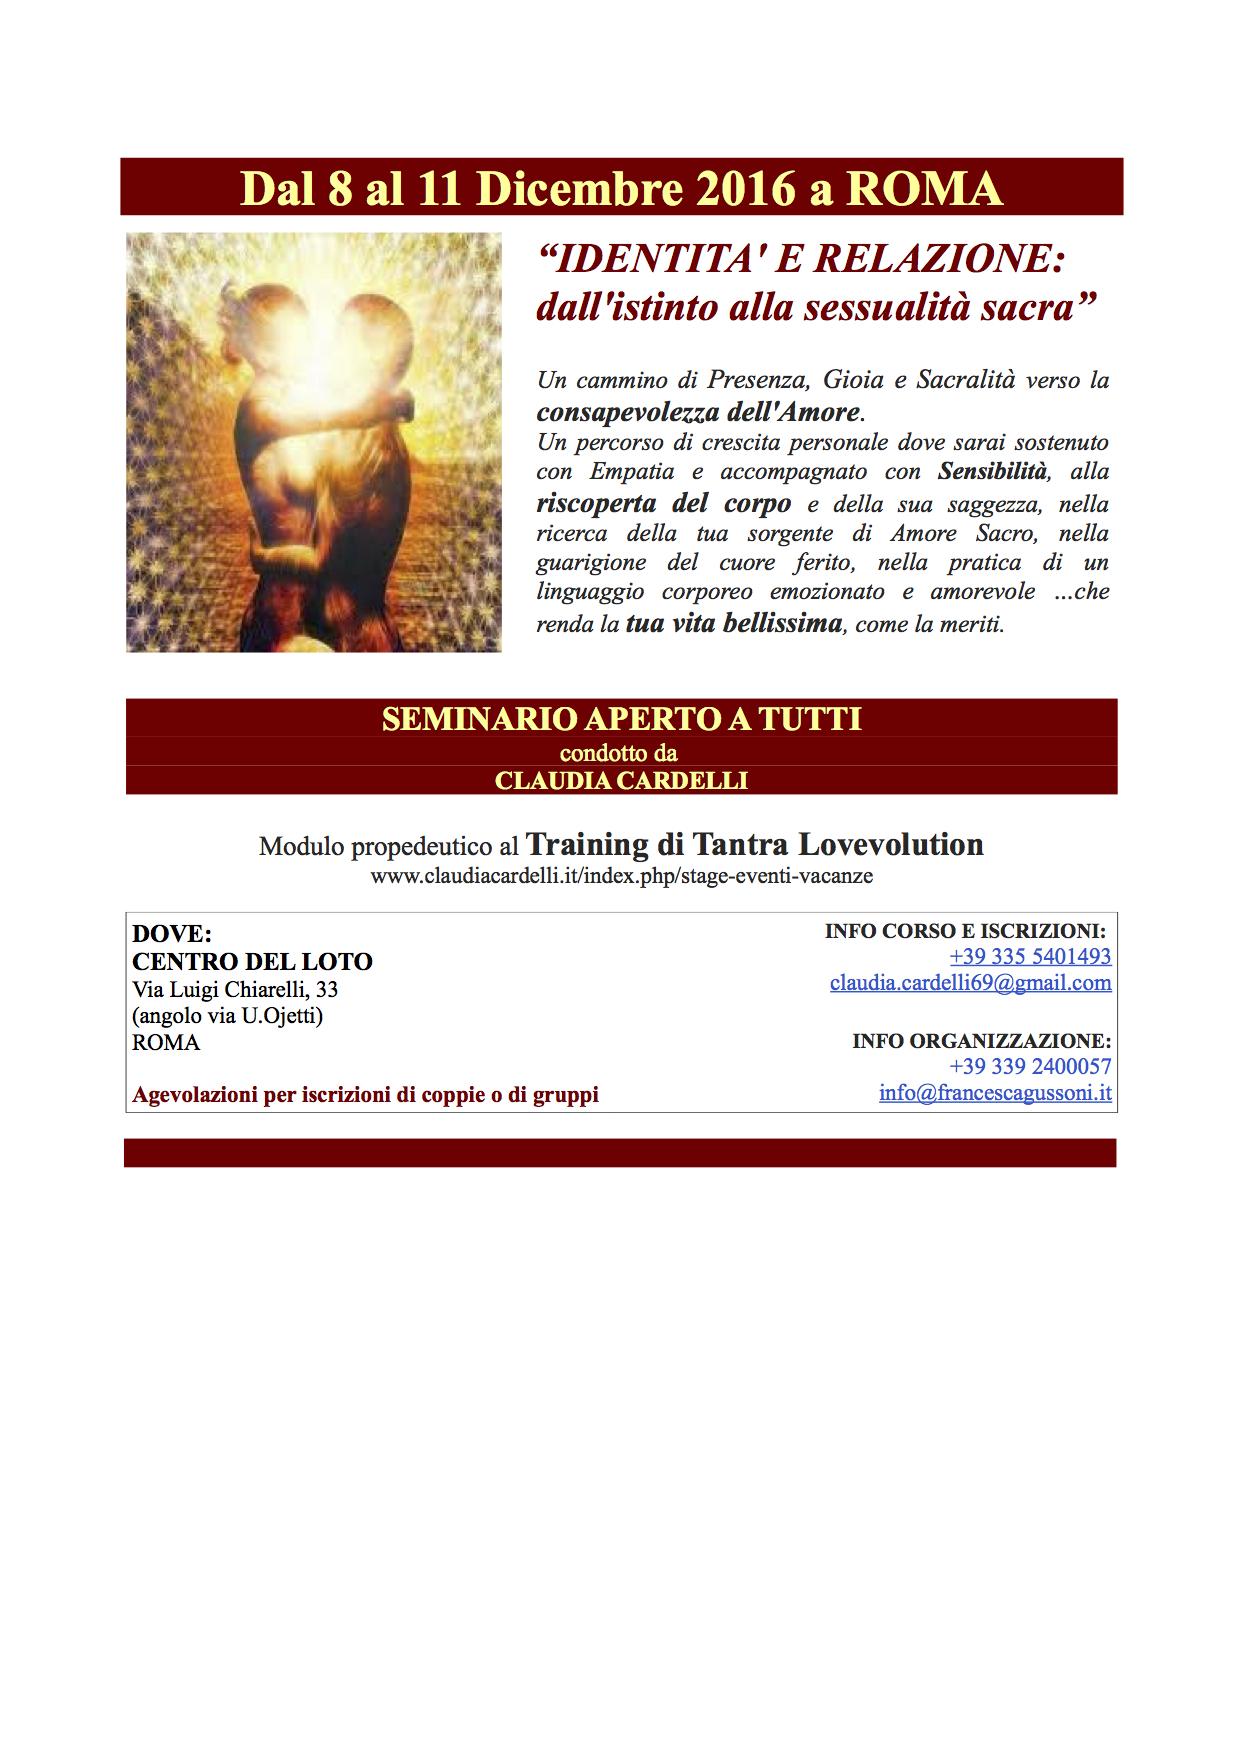 VolantinoSeminarioTANTRA8-11.12.2016 LOTO